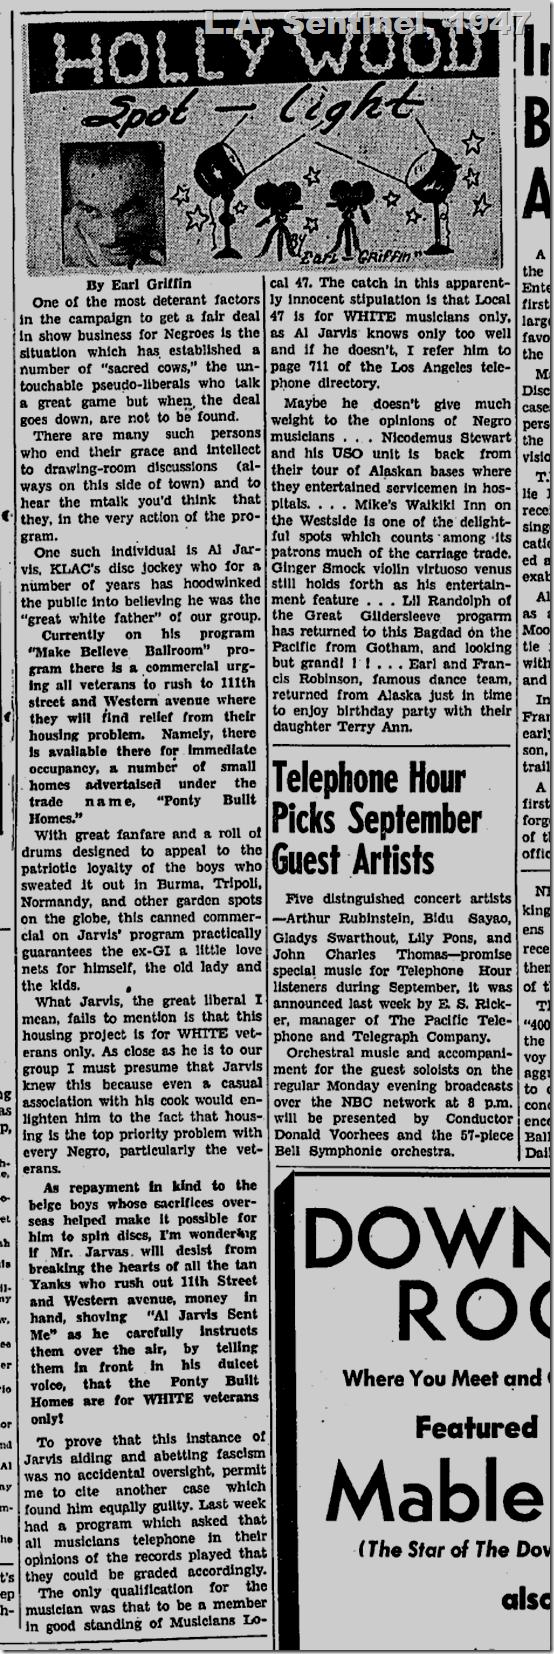 Sept. 4, 1947, L.A. Sentinel, Hollywood Spotlight